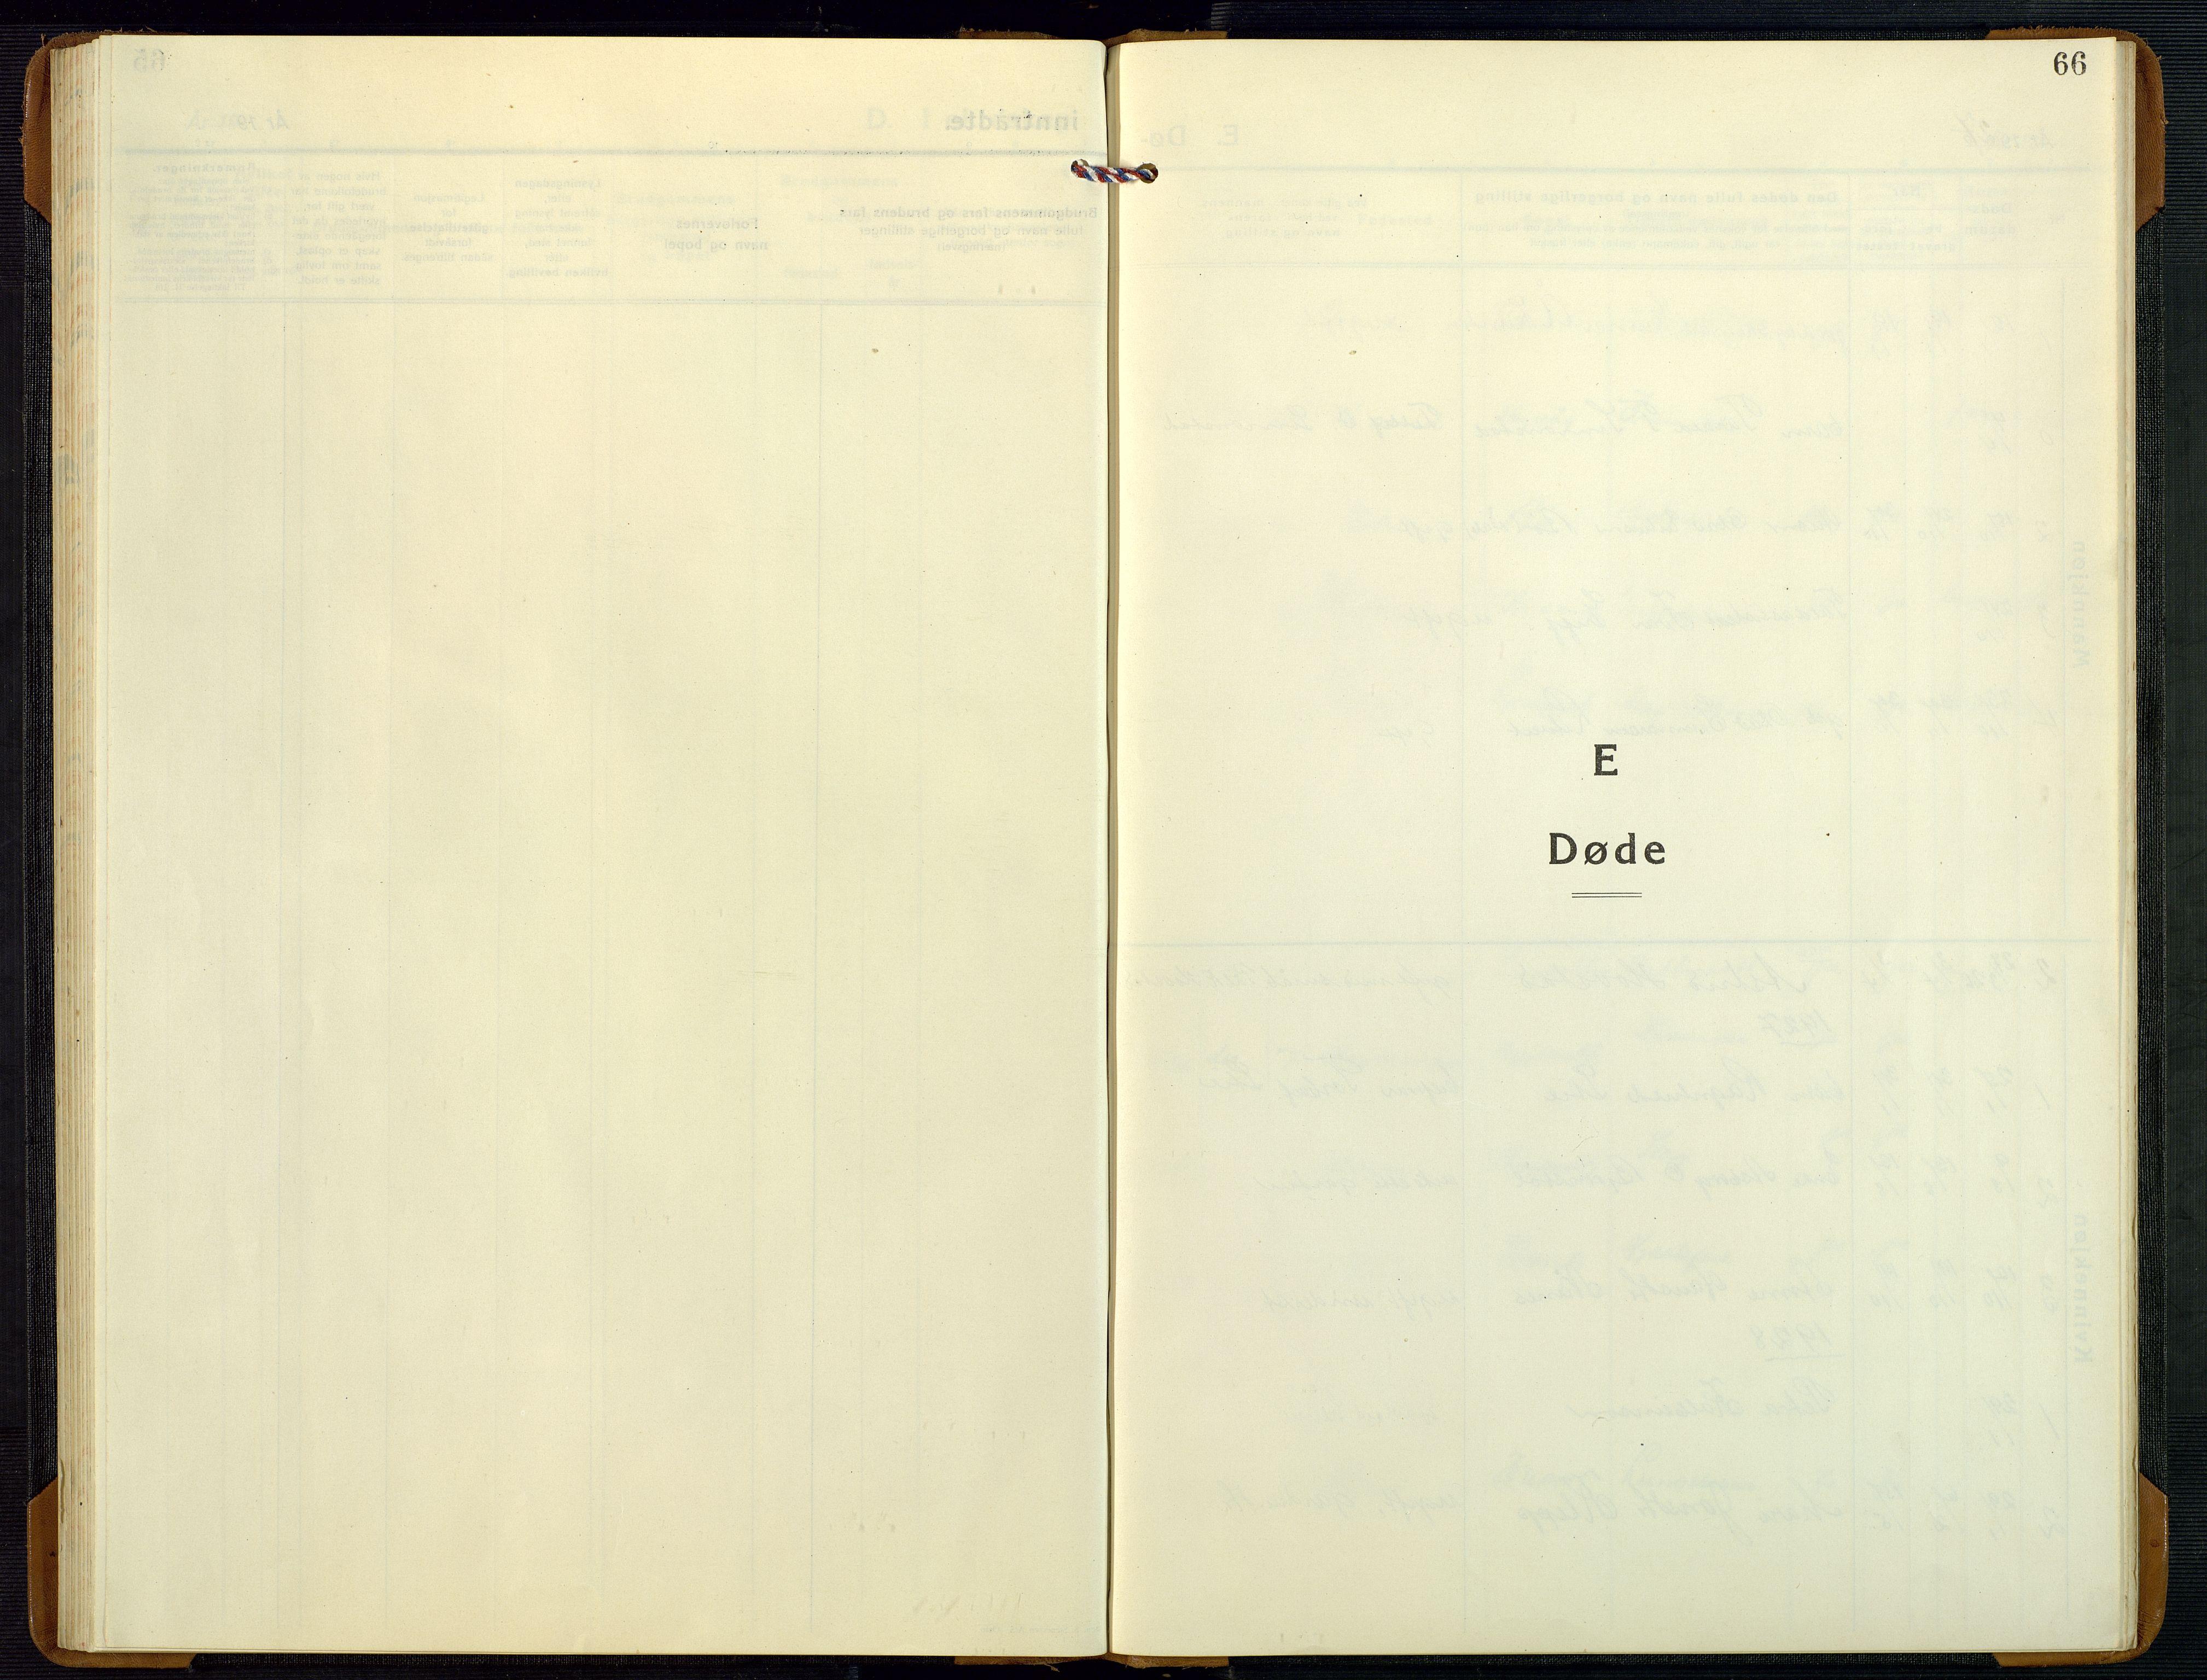 SAK, Bygland sokneprestkontor, F/Fb/Fbd/L0004: Klokkerbok nr. B 4, 1926-1971, s. 66